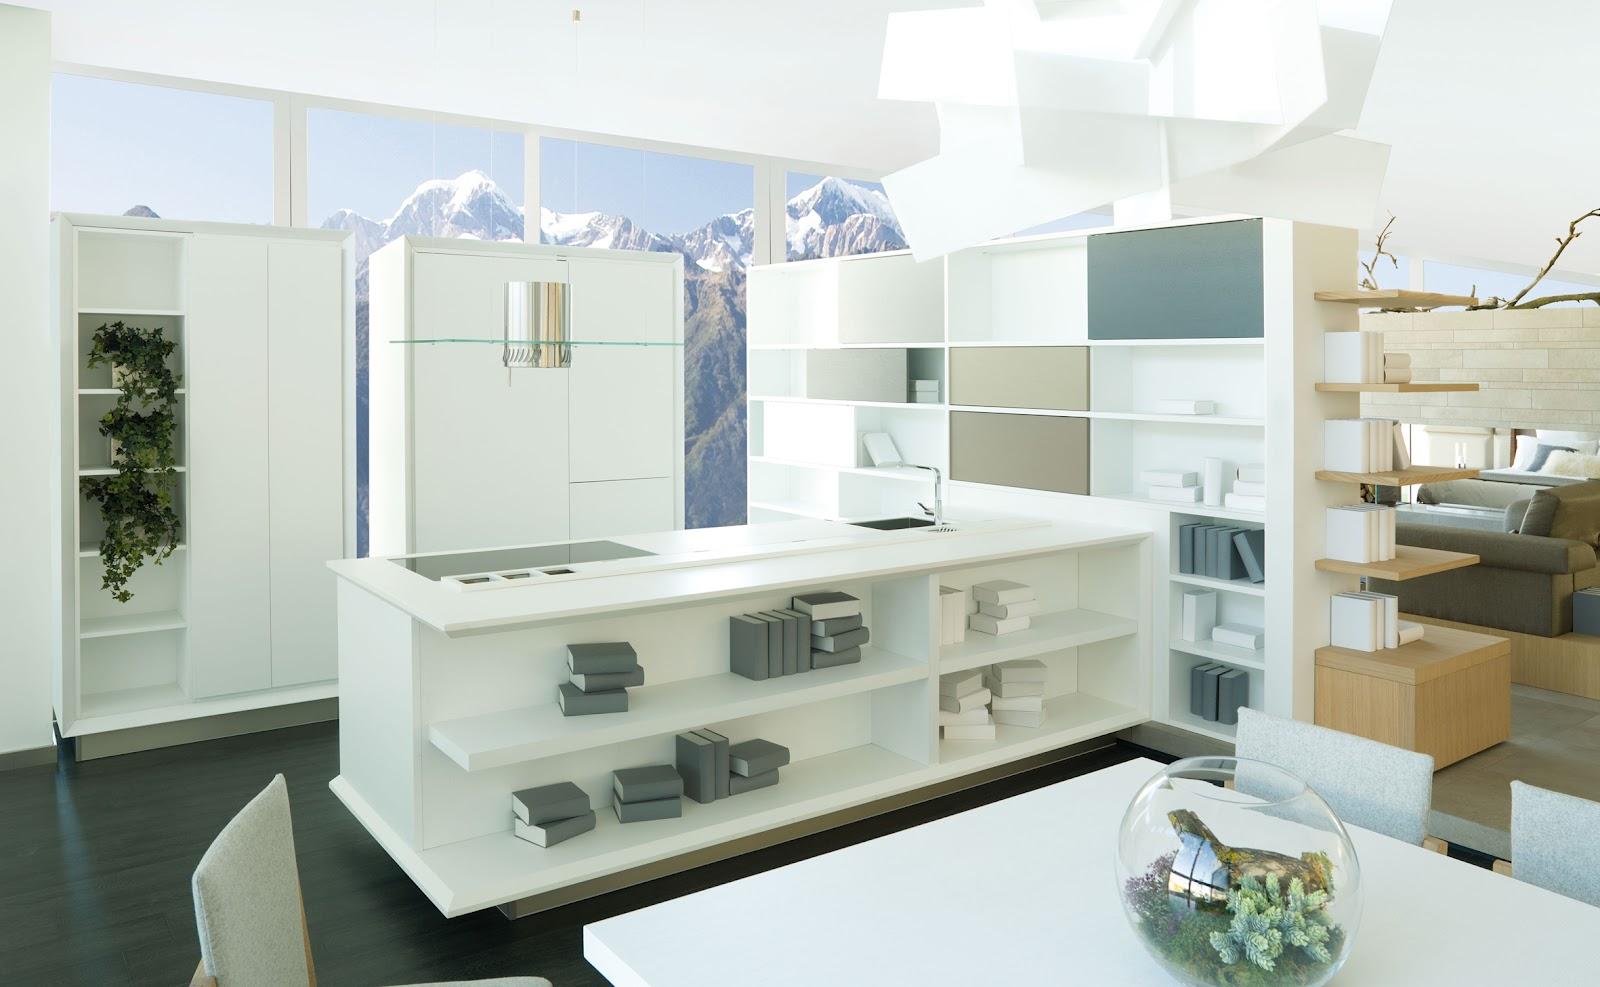 Cocinas de lujo quiero reformar mi casa - Quiero reformar mi casa ...